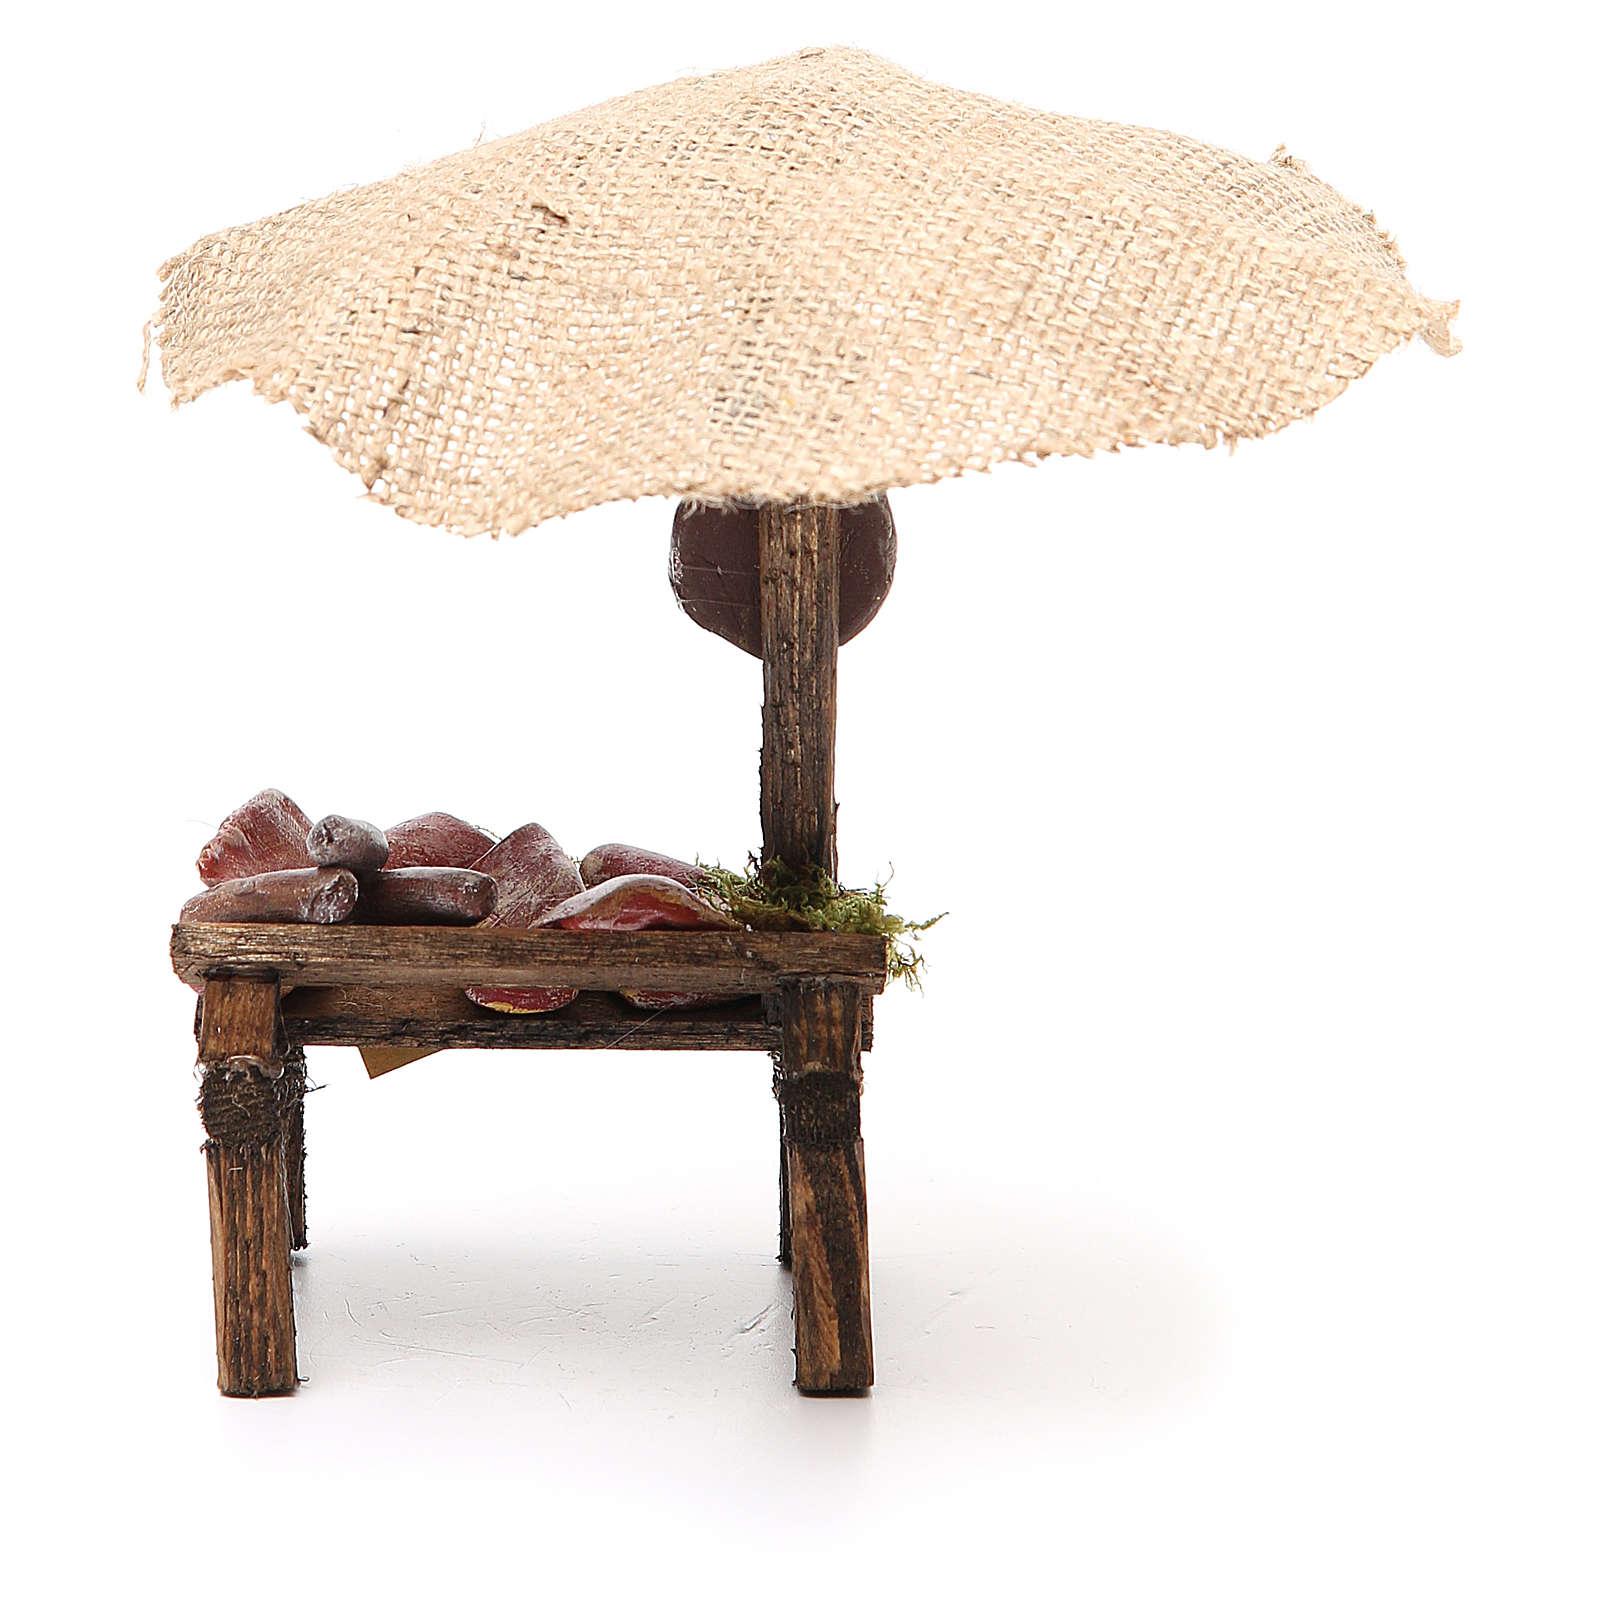 Banc crèche charcuterie et viande avec parasol 16x10x12 cm 4